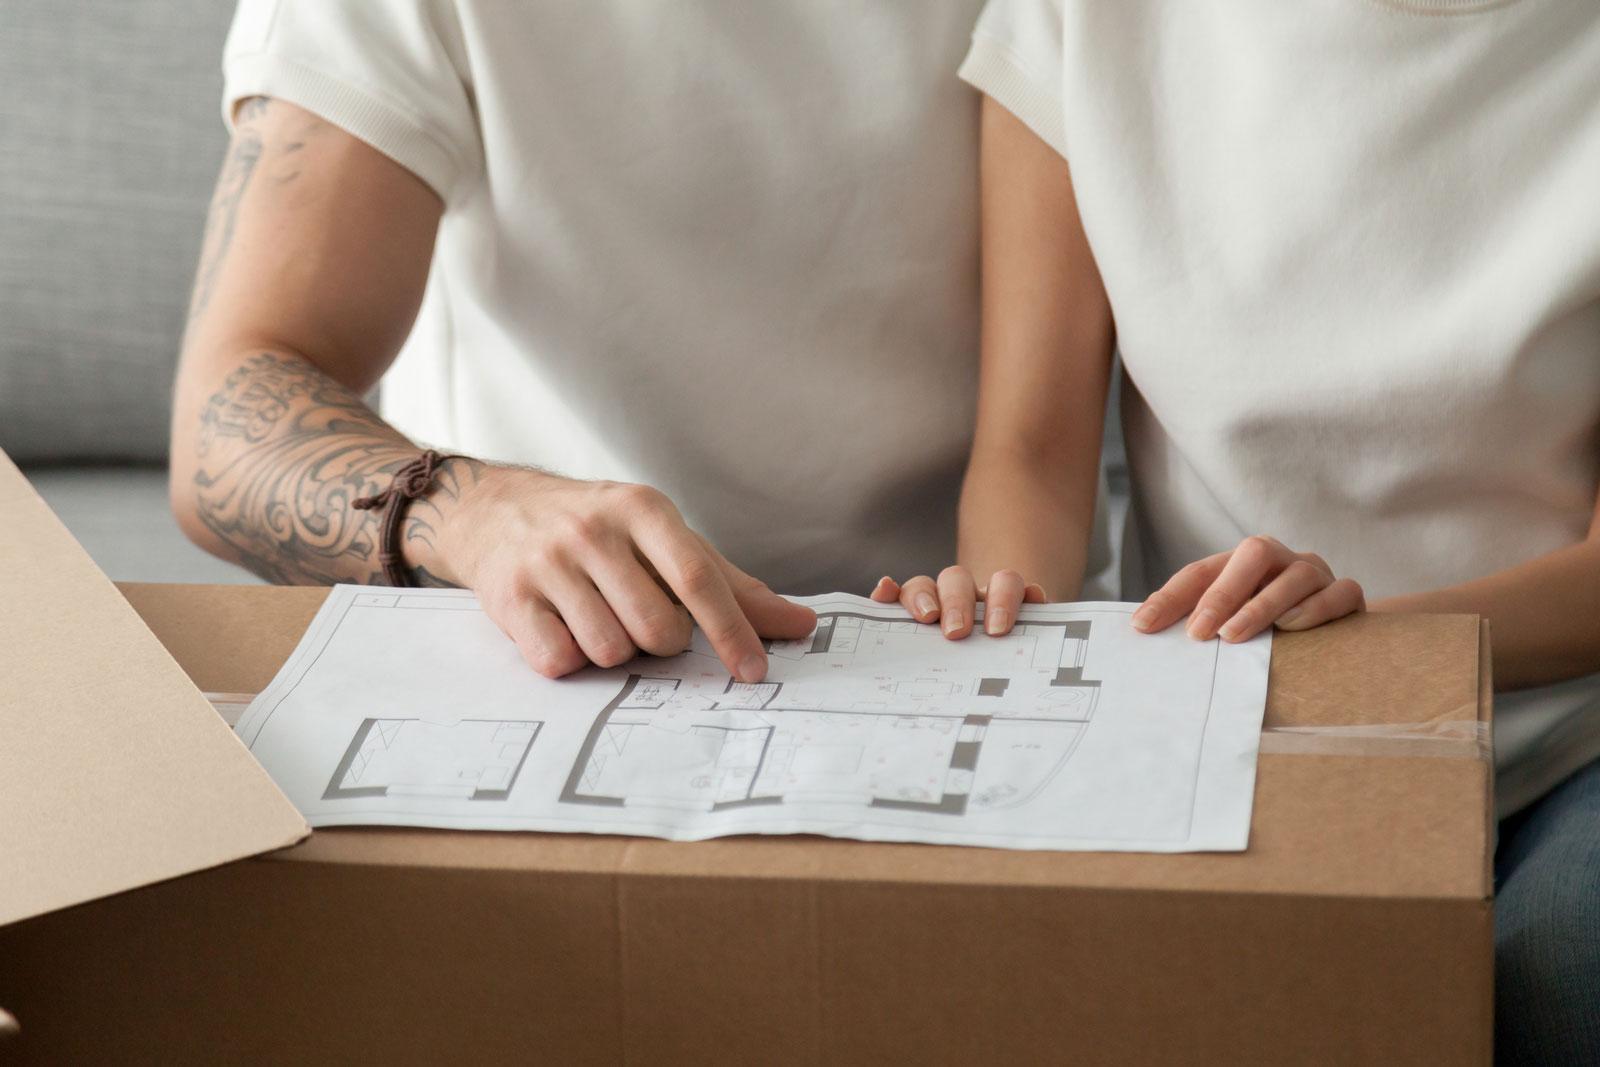 Grundlage deines Hausbaus sind neben dem Bauvertrag die Ausführungspläne, in denen die Baudetails eingezeichnet sind.